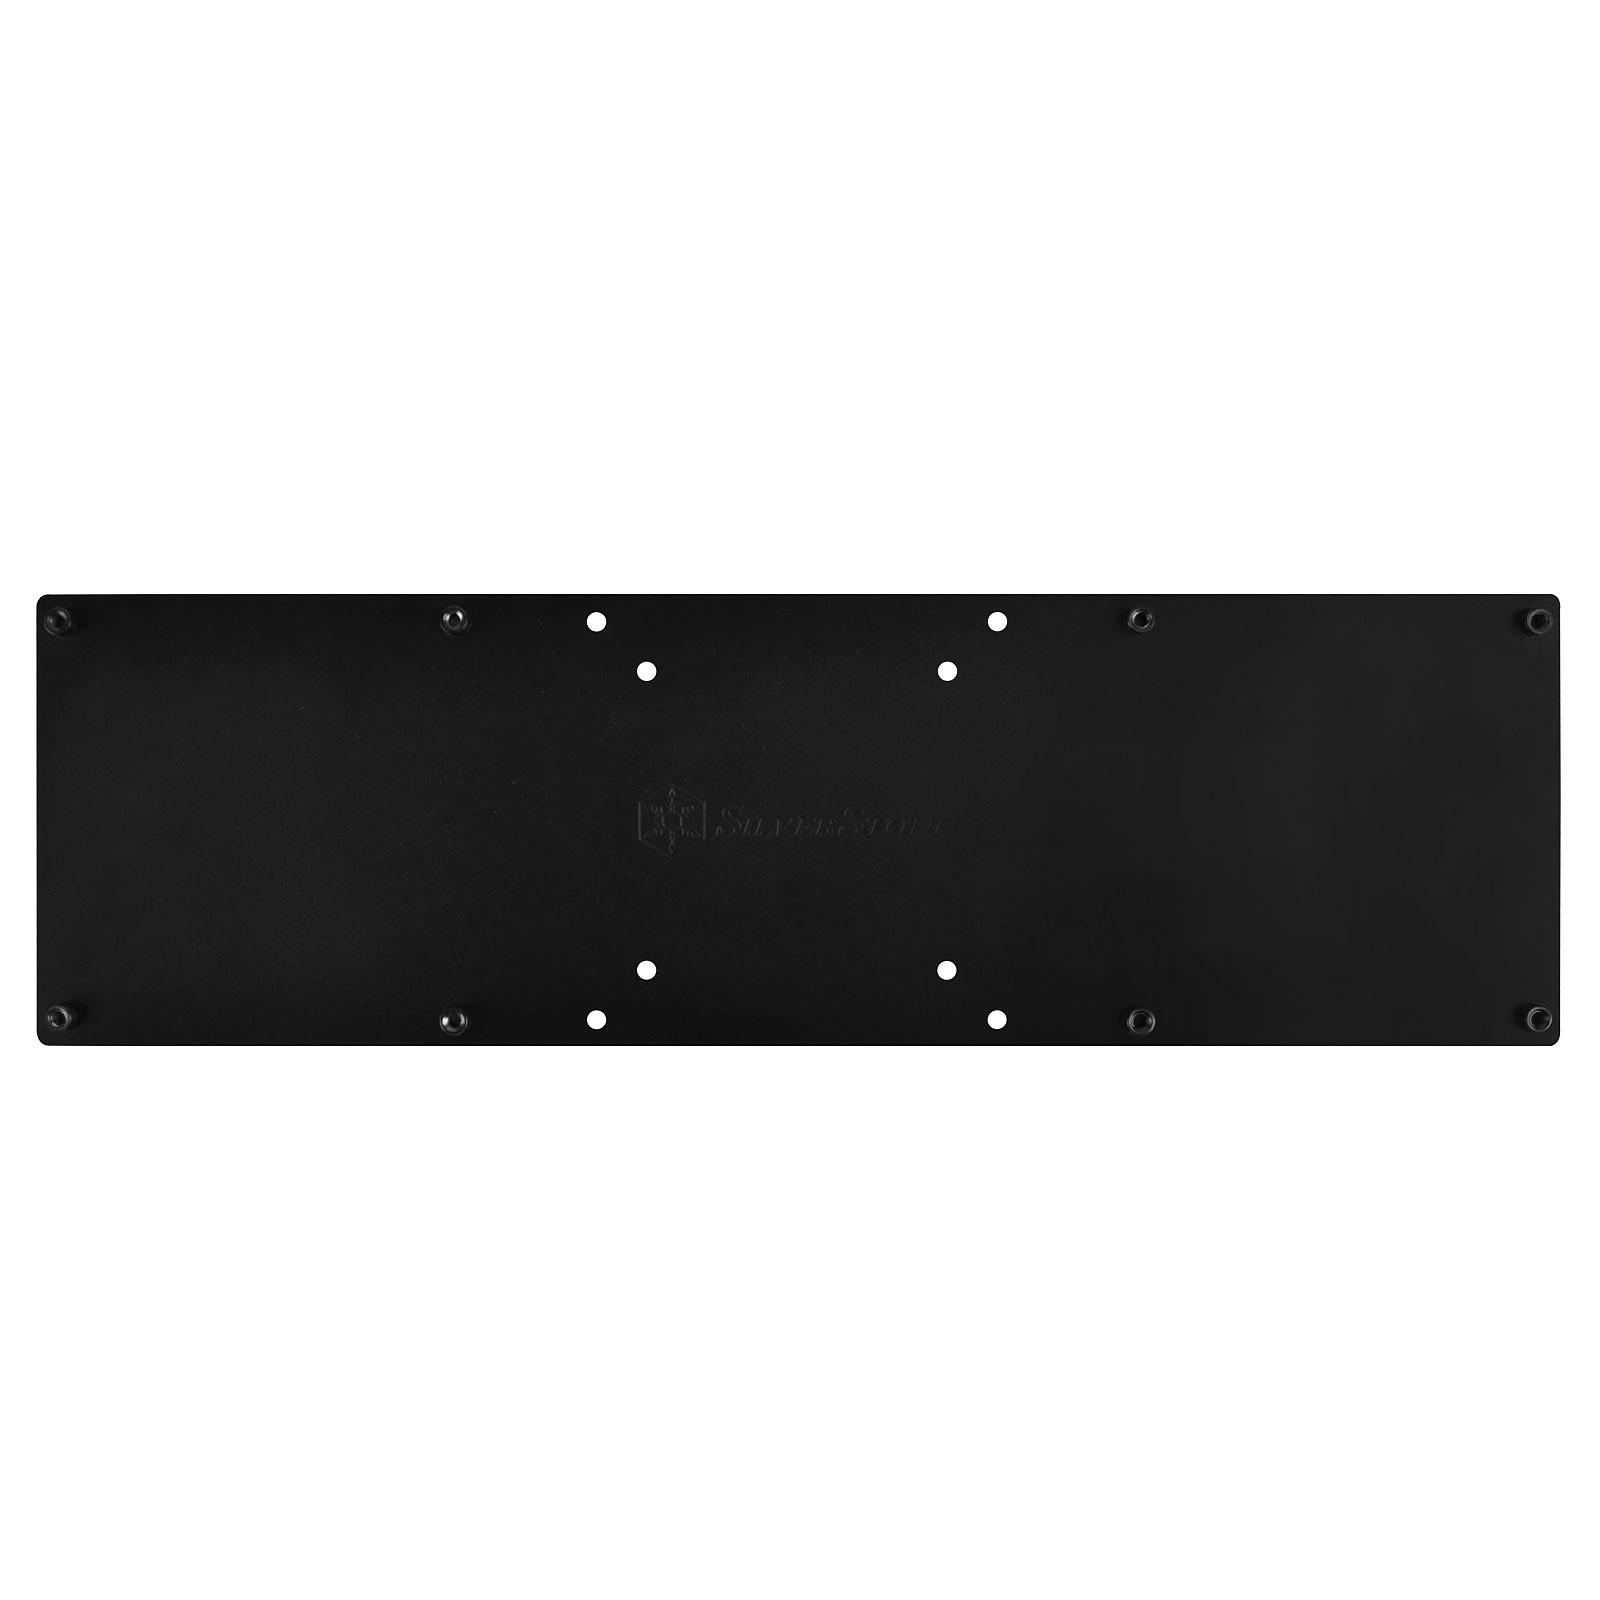 SilverStone MVA02 Noir